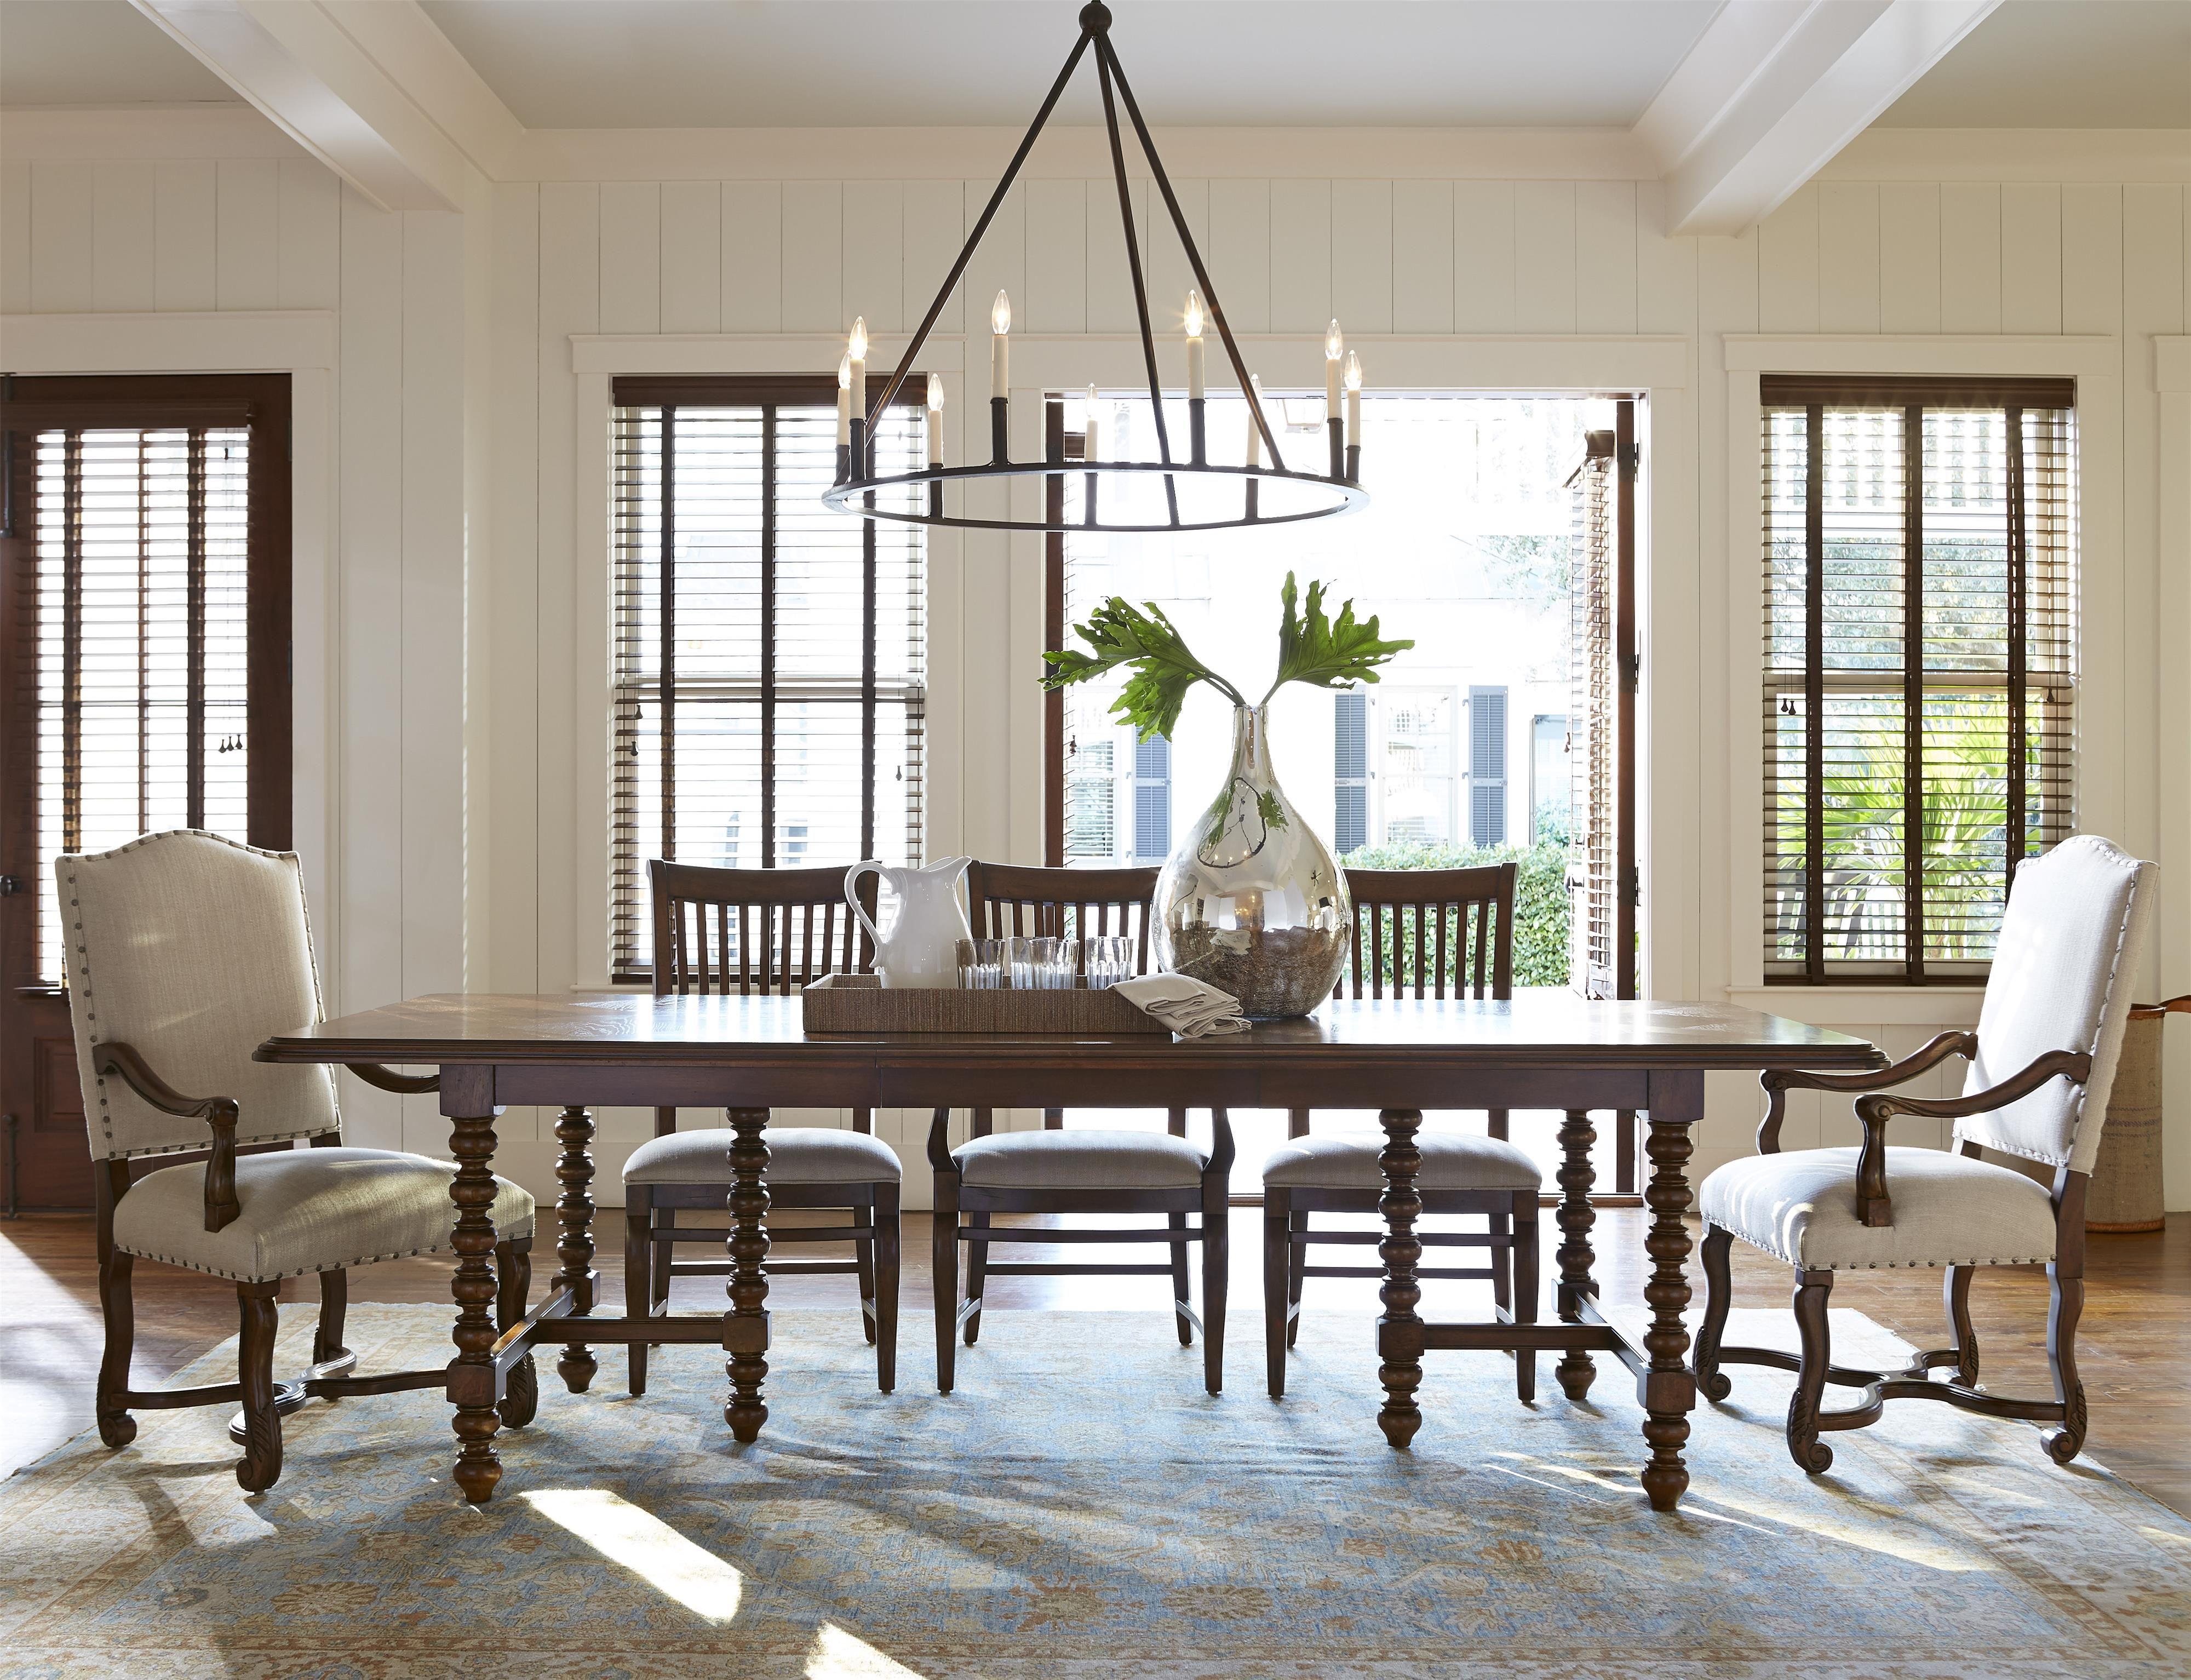 Home Decorators Store Overland Park Ks